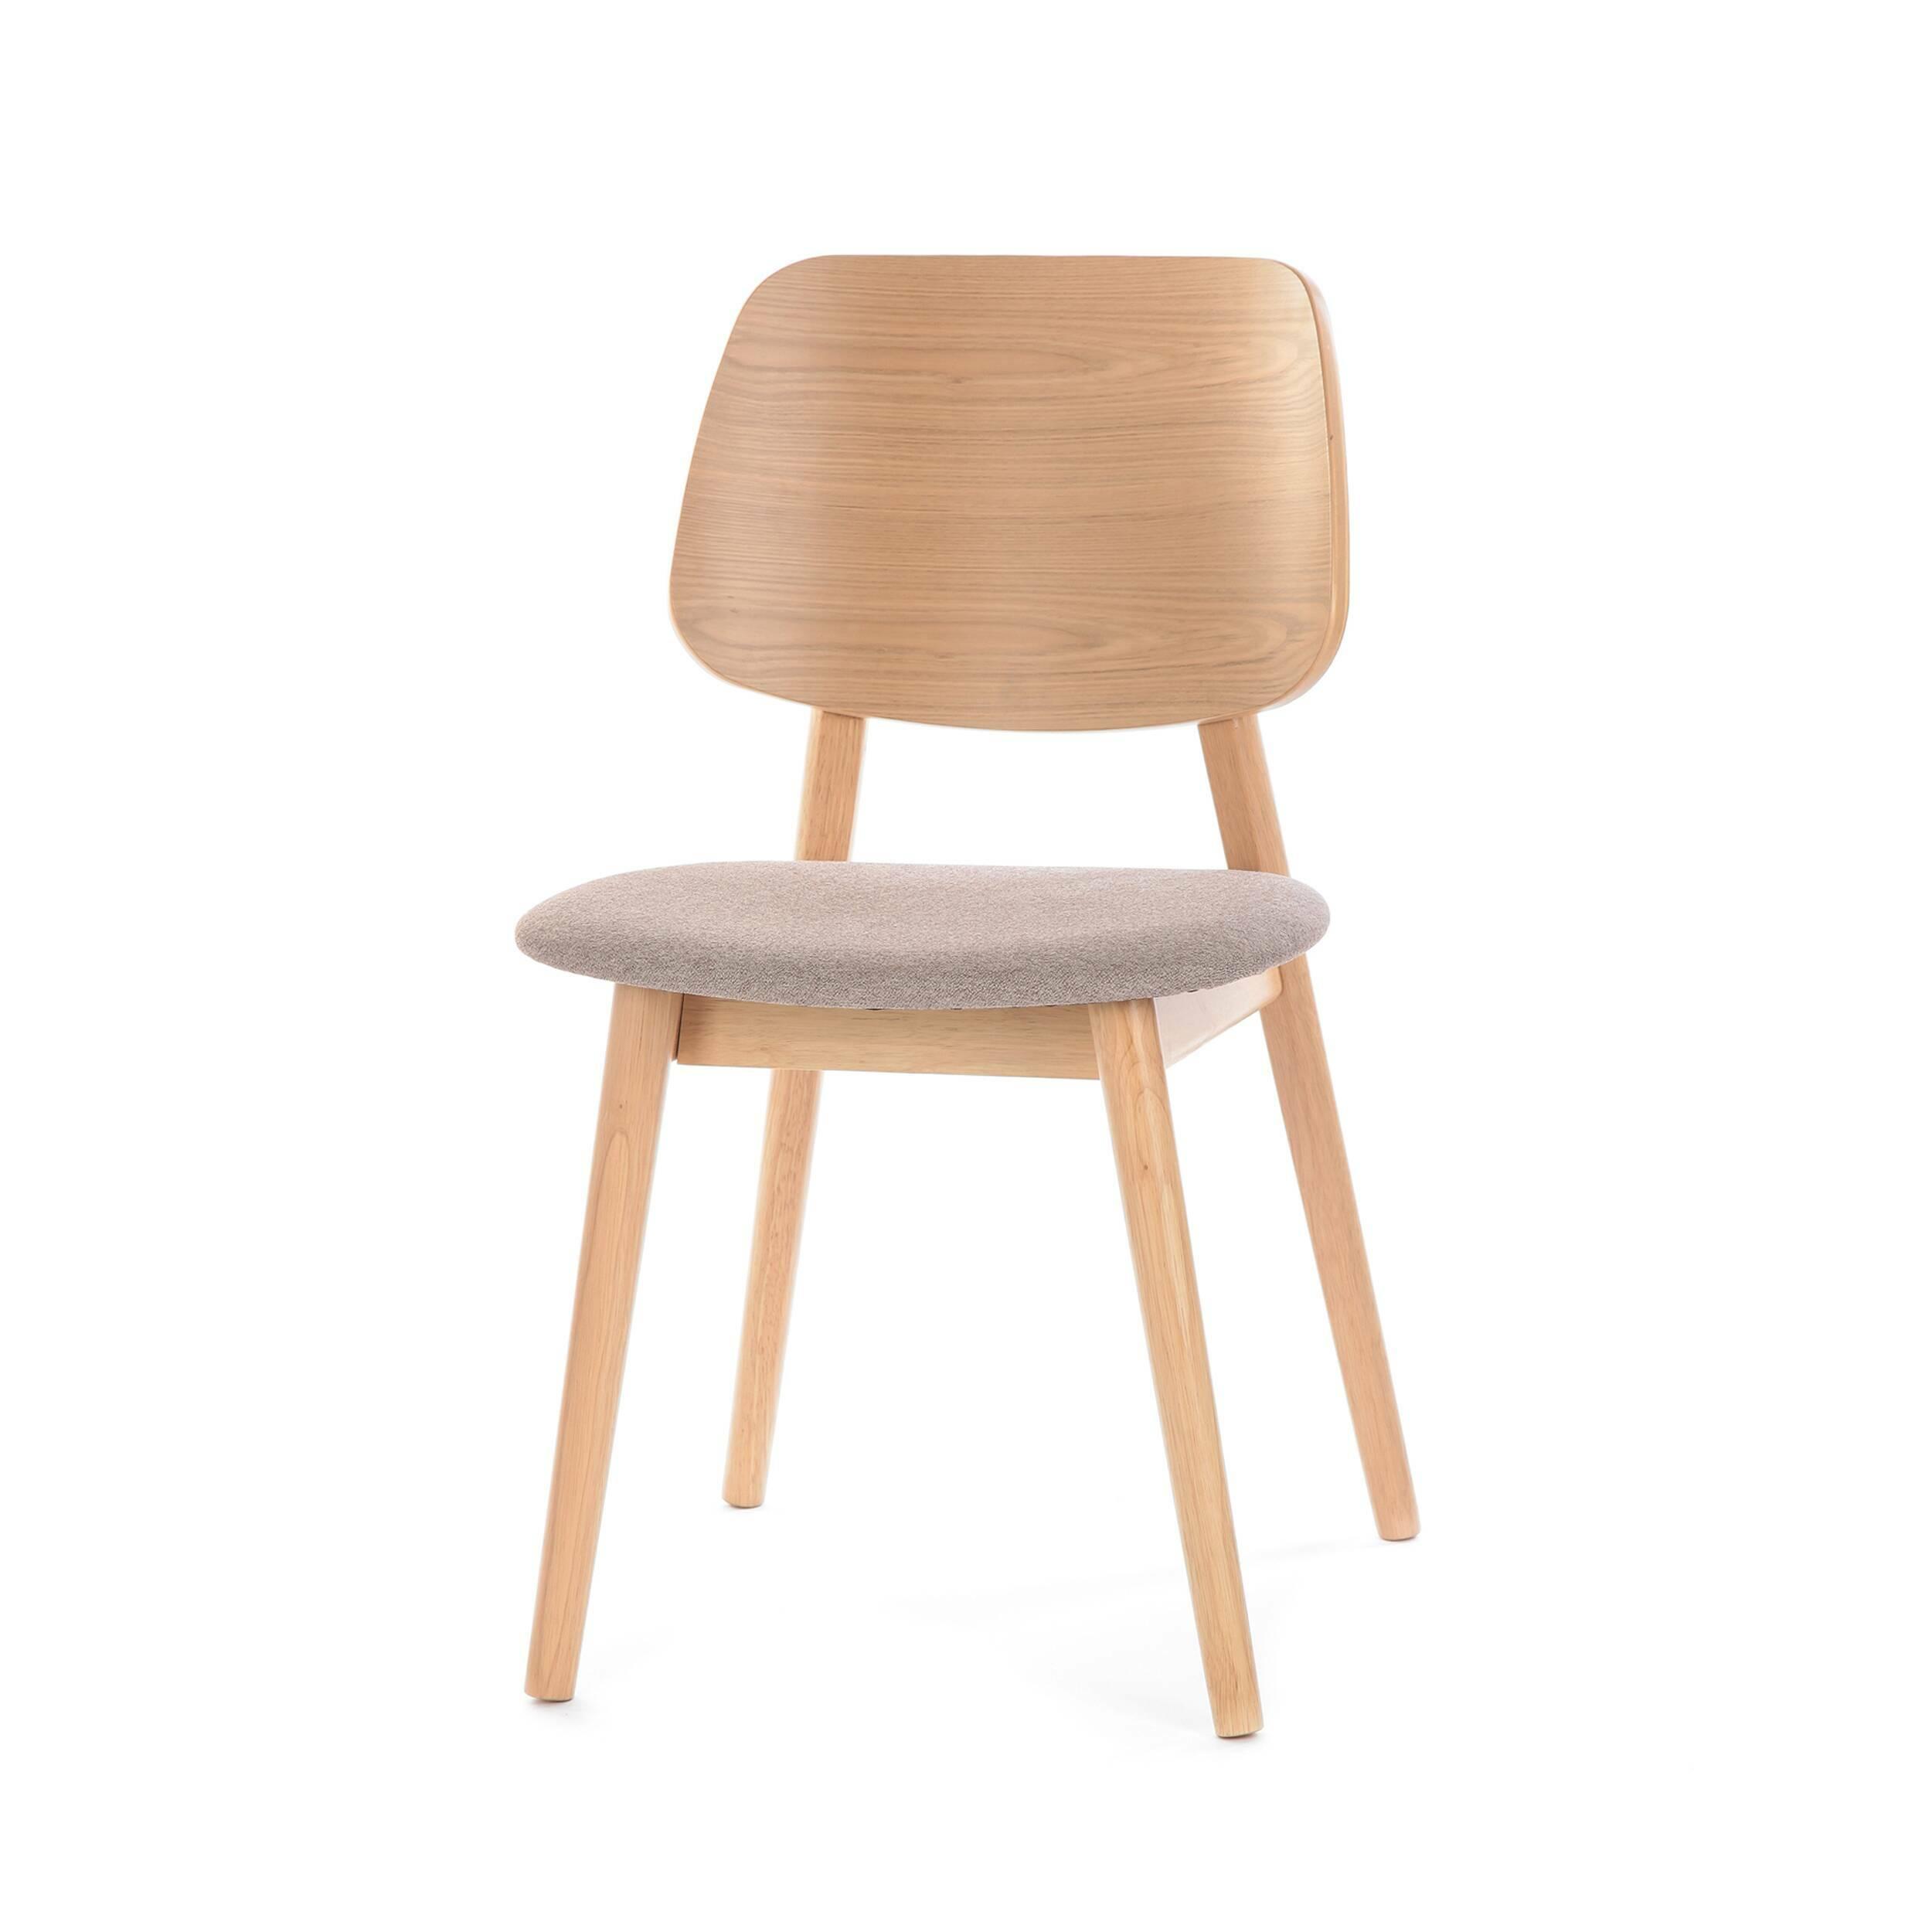 Стул LuusИнтерьерные<br>Простой стиль этой модели делает ее очень функциональной – стул Luus подойдет как для дополнения мебельного ансамбля гостиной комнаты, так и для создания уютной и комфортной обстановки на кухне или в столовой. Стул выполнен в классическом стиле и спокойной цветовой гамме.<br><br><br> На выбор предлагаются различные варианты расцветки под разные породы дерева, однако сам каркас стула изготавливается из прочного и надежного массива ясеня. Изделия из дерева высоко ценятся во многих интерьерных стил...<br><br>stock: 33<br>Высота: 81,5<br>Ширина: 46<br>Глубина: 54,5<br>Цвет ножек: Клен<br>Цвет спинки: Клен<br>Материал ножек: Массив ясеня<br>Материал спинки: Фанера, шпон ясеня<br>Материал сидения: Полиэстер<br>Цвет сидения: Светло-коричневый<br>Тип материала спинки: Фанера<br>Тип материала сидения: Ткань<br>Тип материала ножек: Дерево